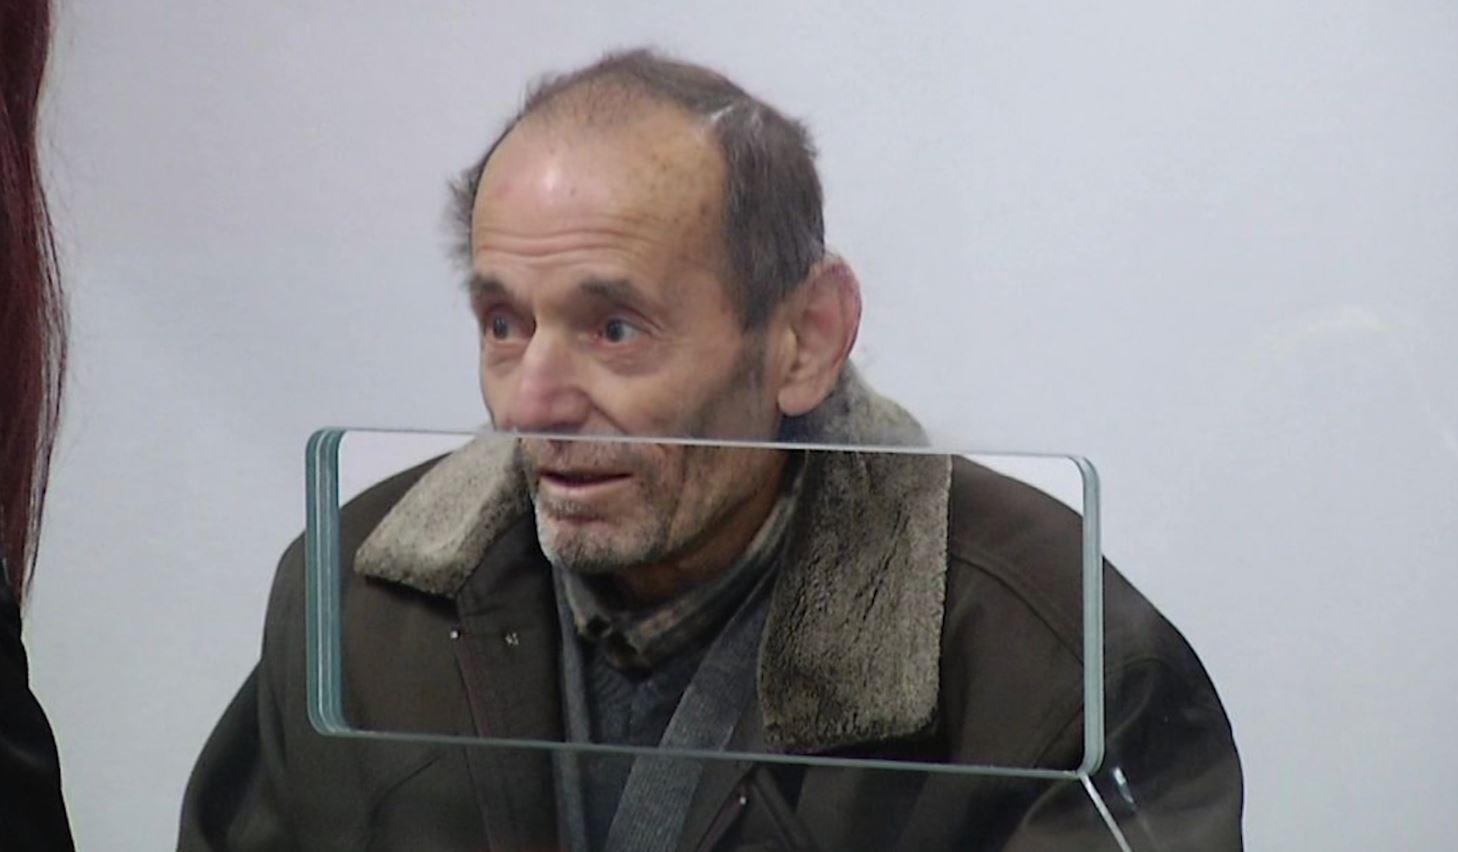 Mbyti bashkëshorten, dënohet i moshuari nga Fieri